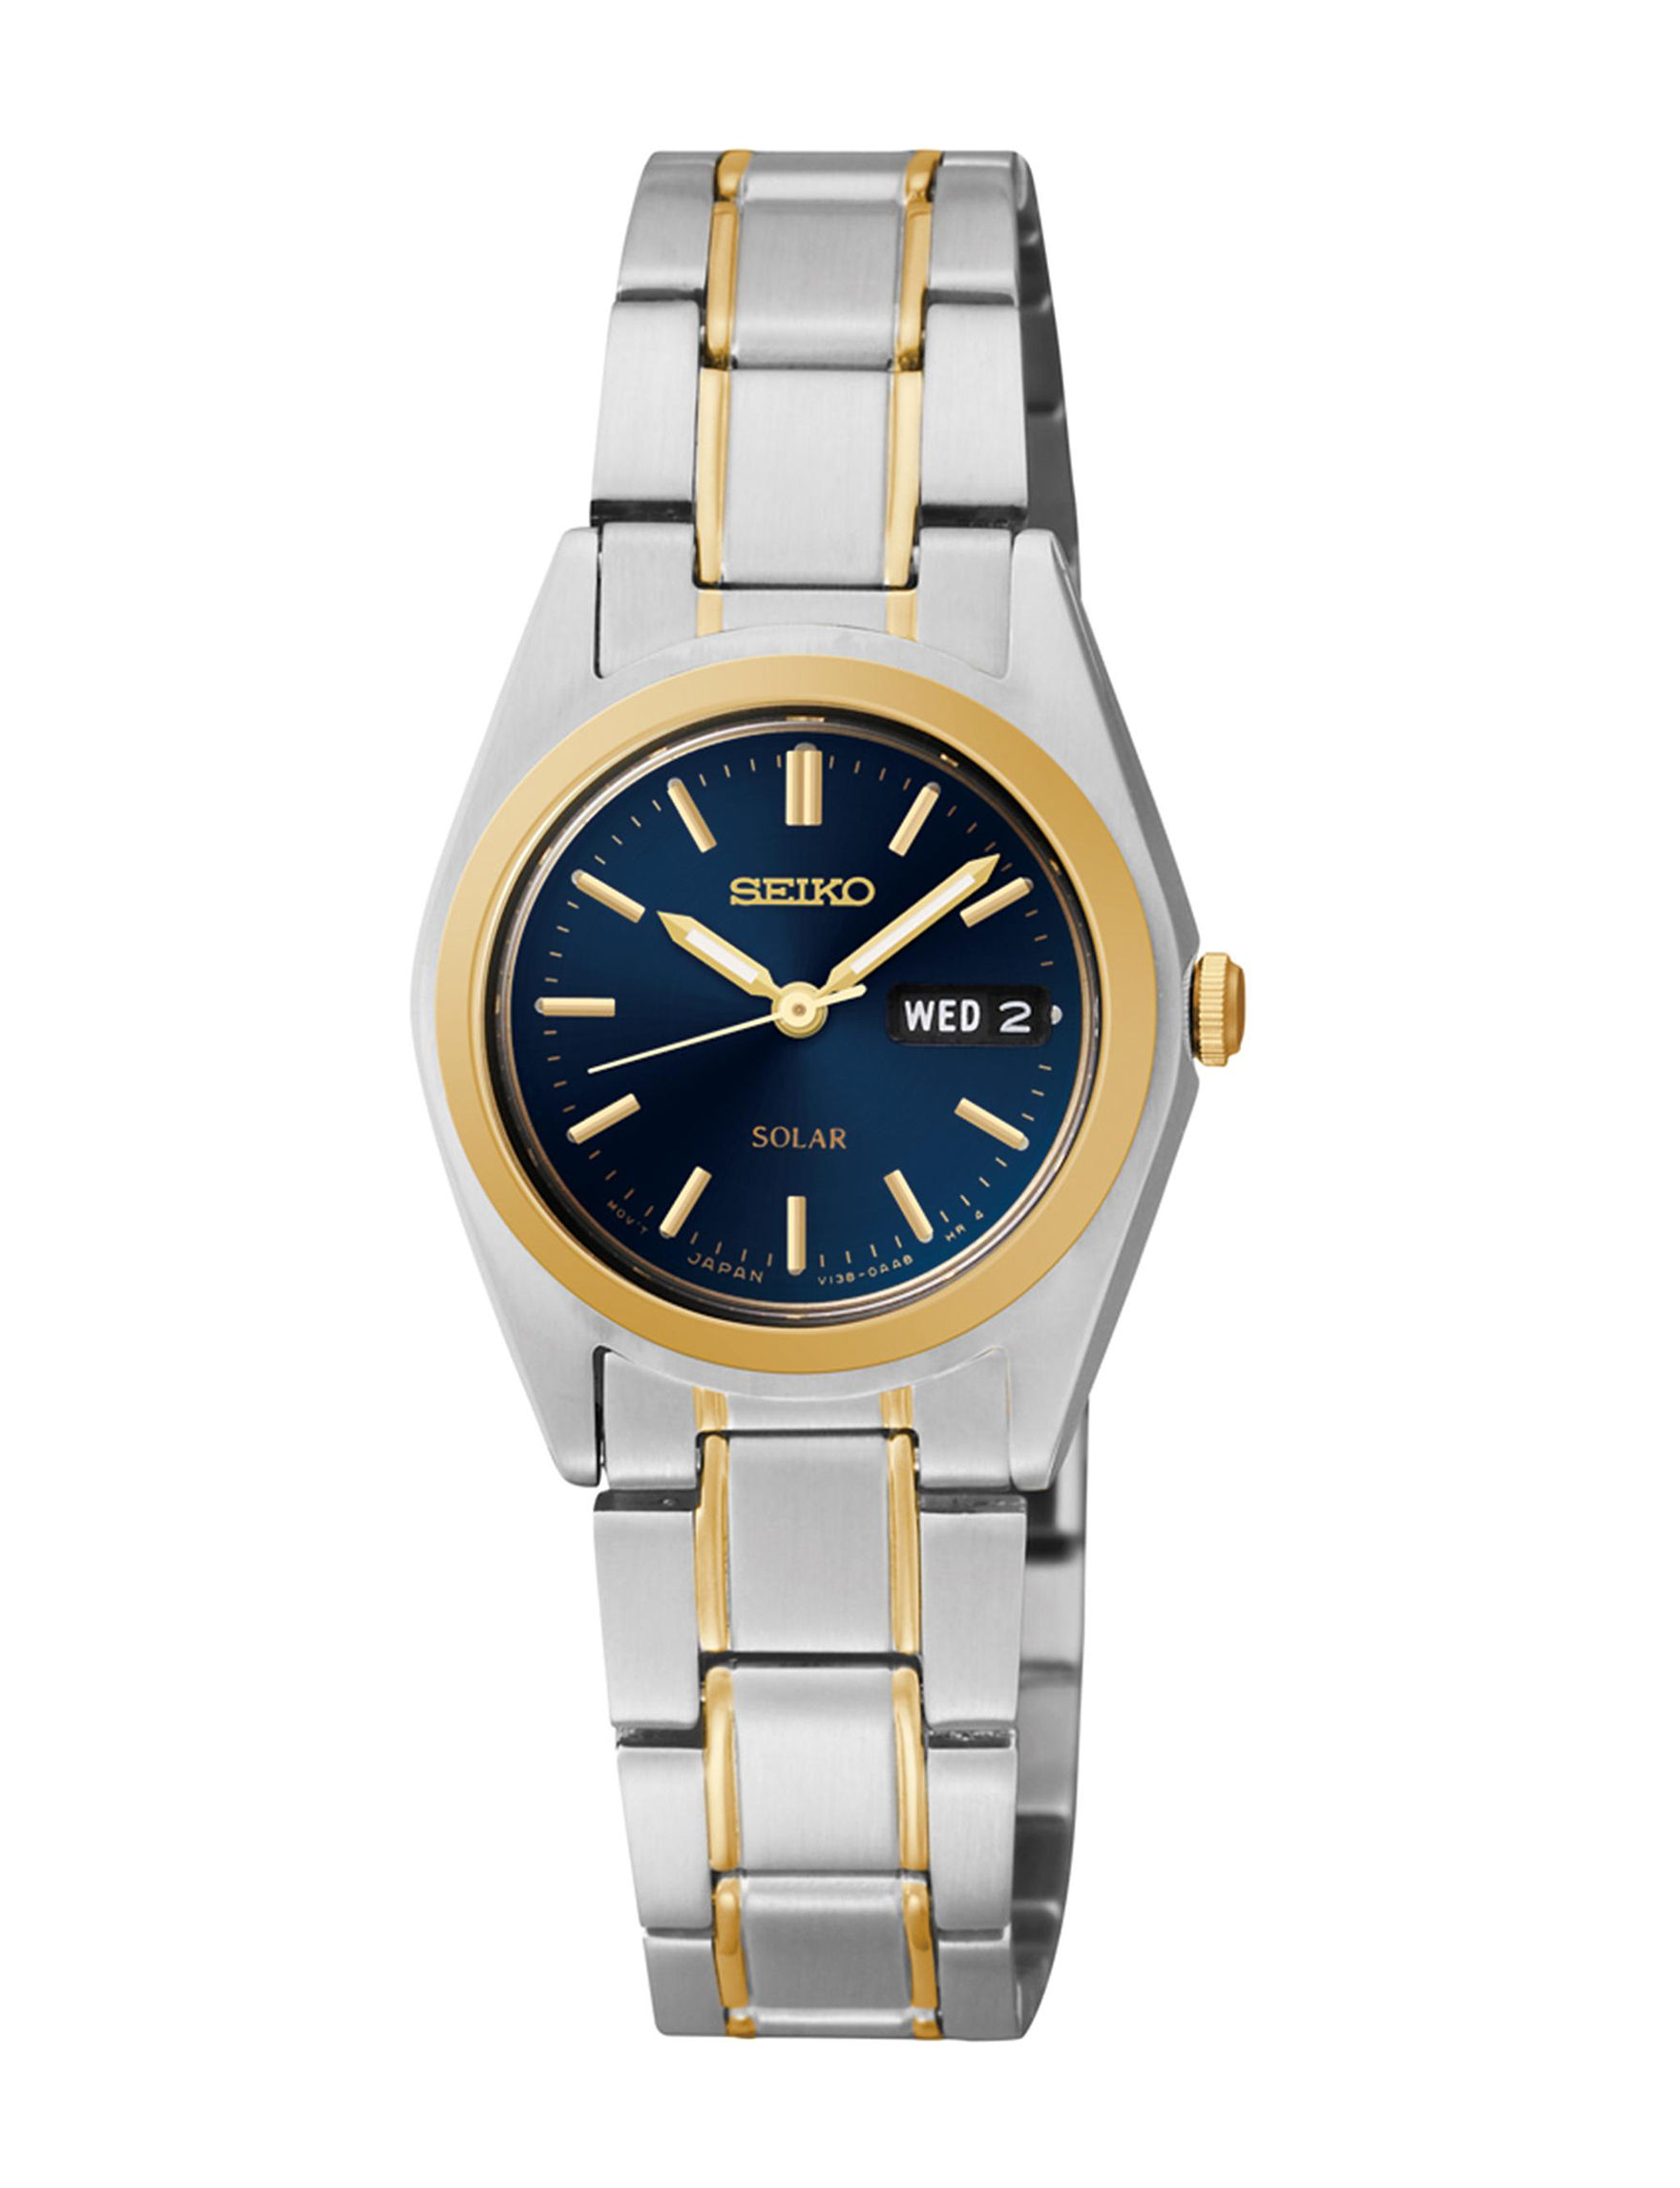 Seiko Two Tone Fashion Watches